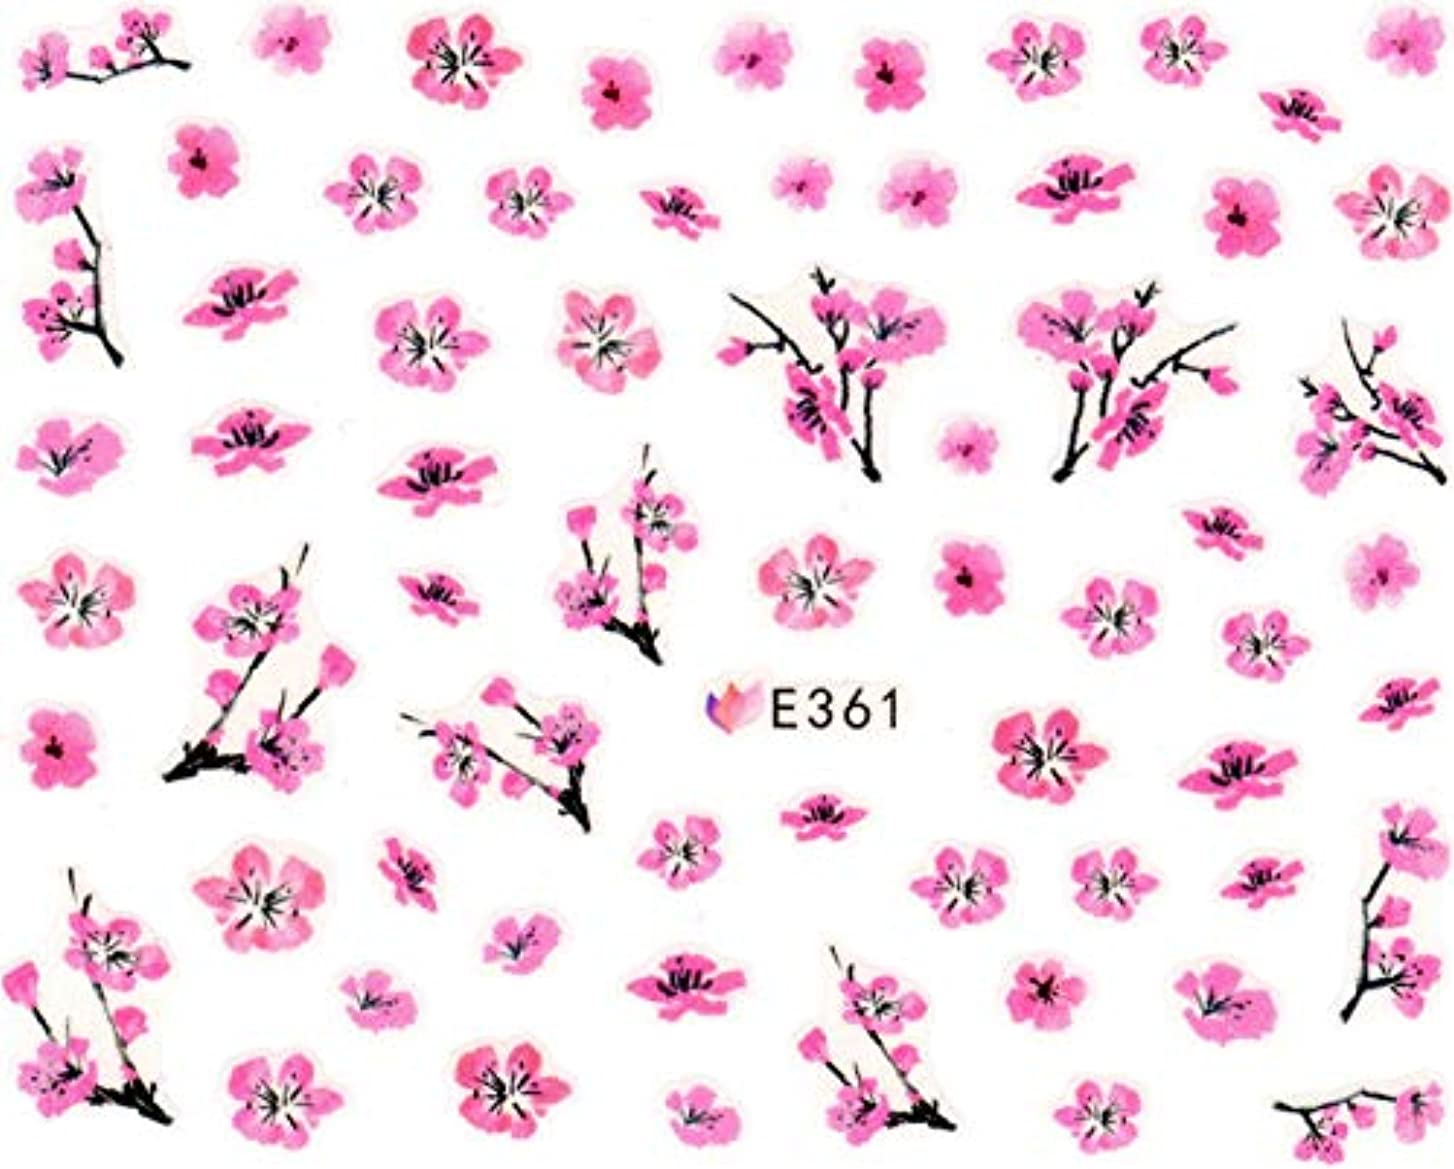 再編成するリマ主張ネイルシール 水彩 和風 花 フラワー (01-T56)